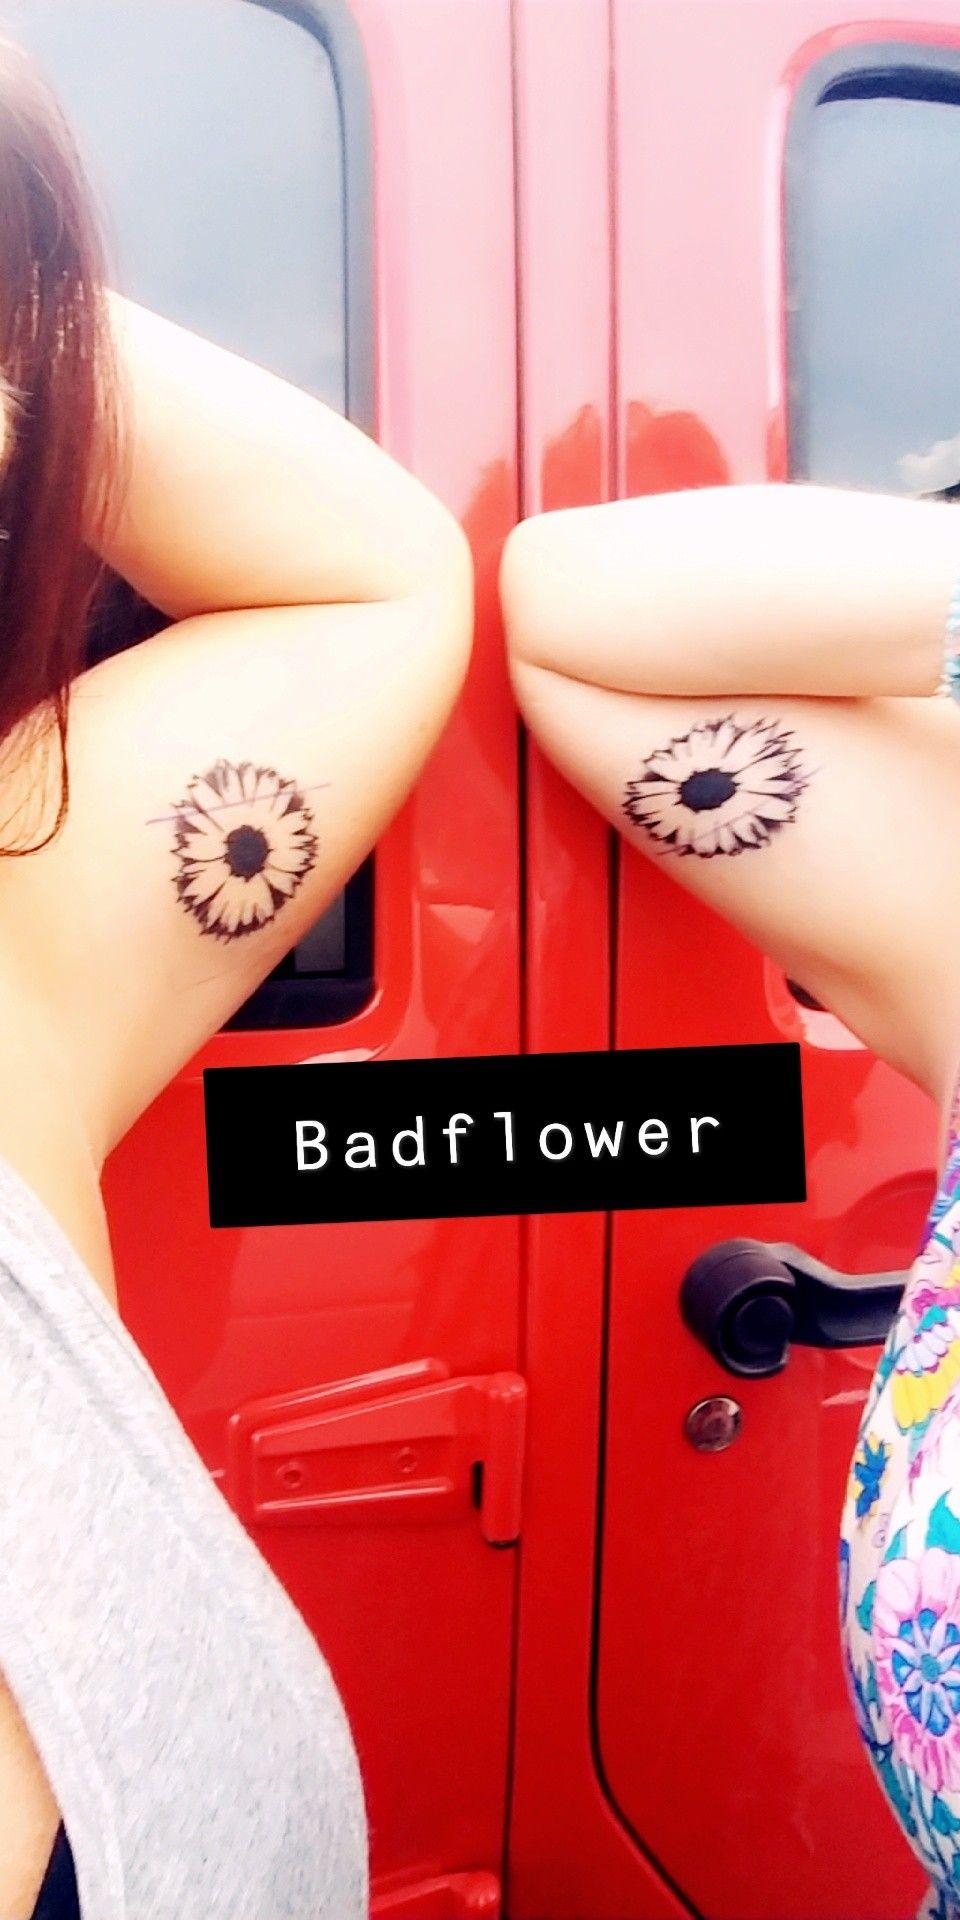 Bad Flower Tattoo : flower, tattoo, Badflower, Tattoo, Tattoos,, Print, Tattoo,, Tattoos